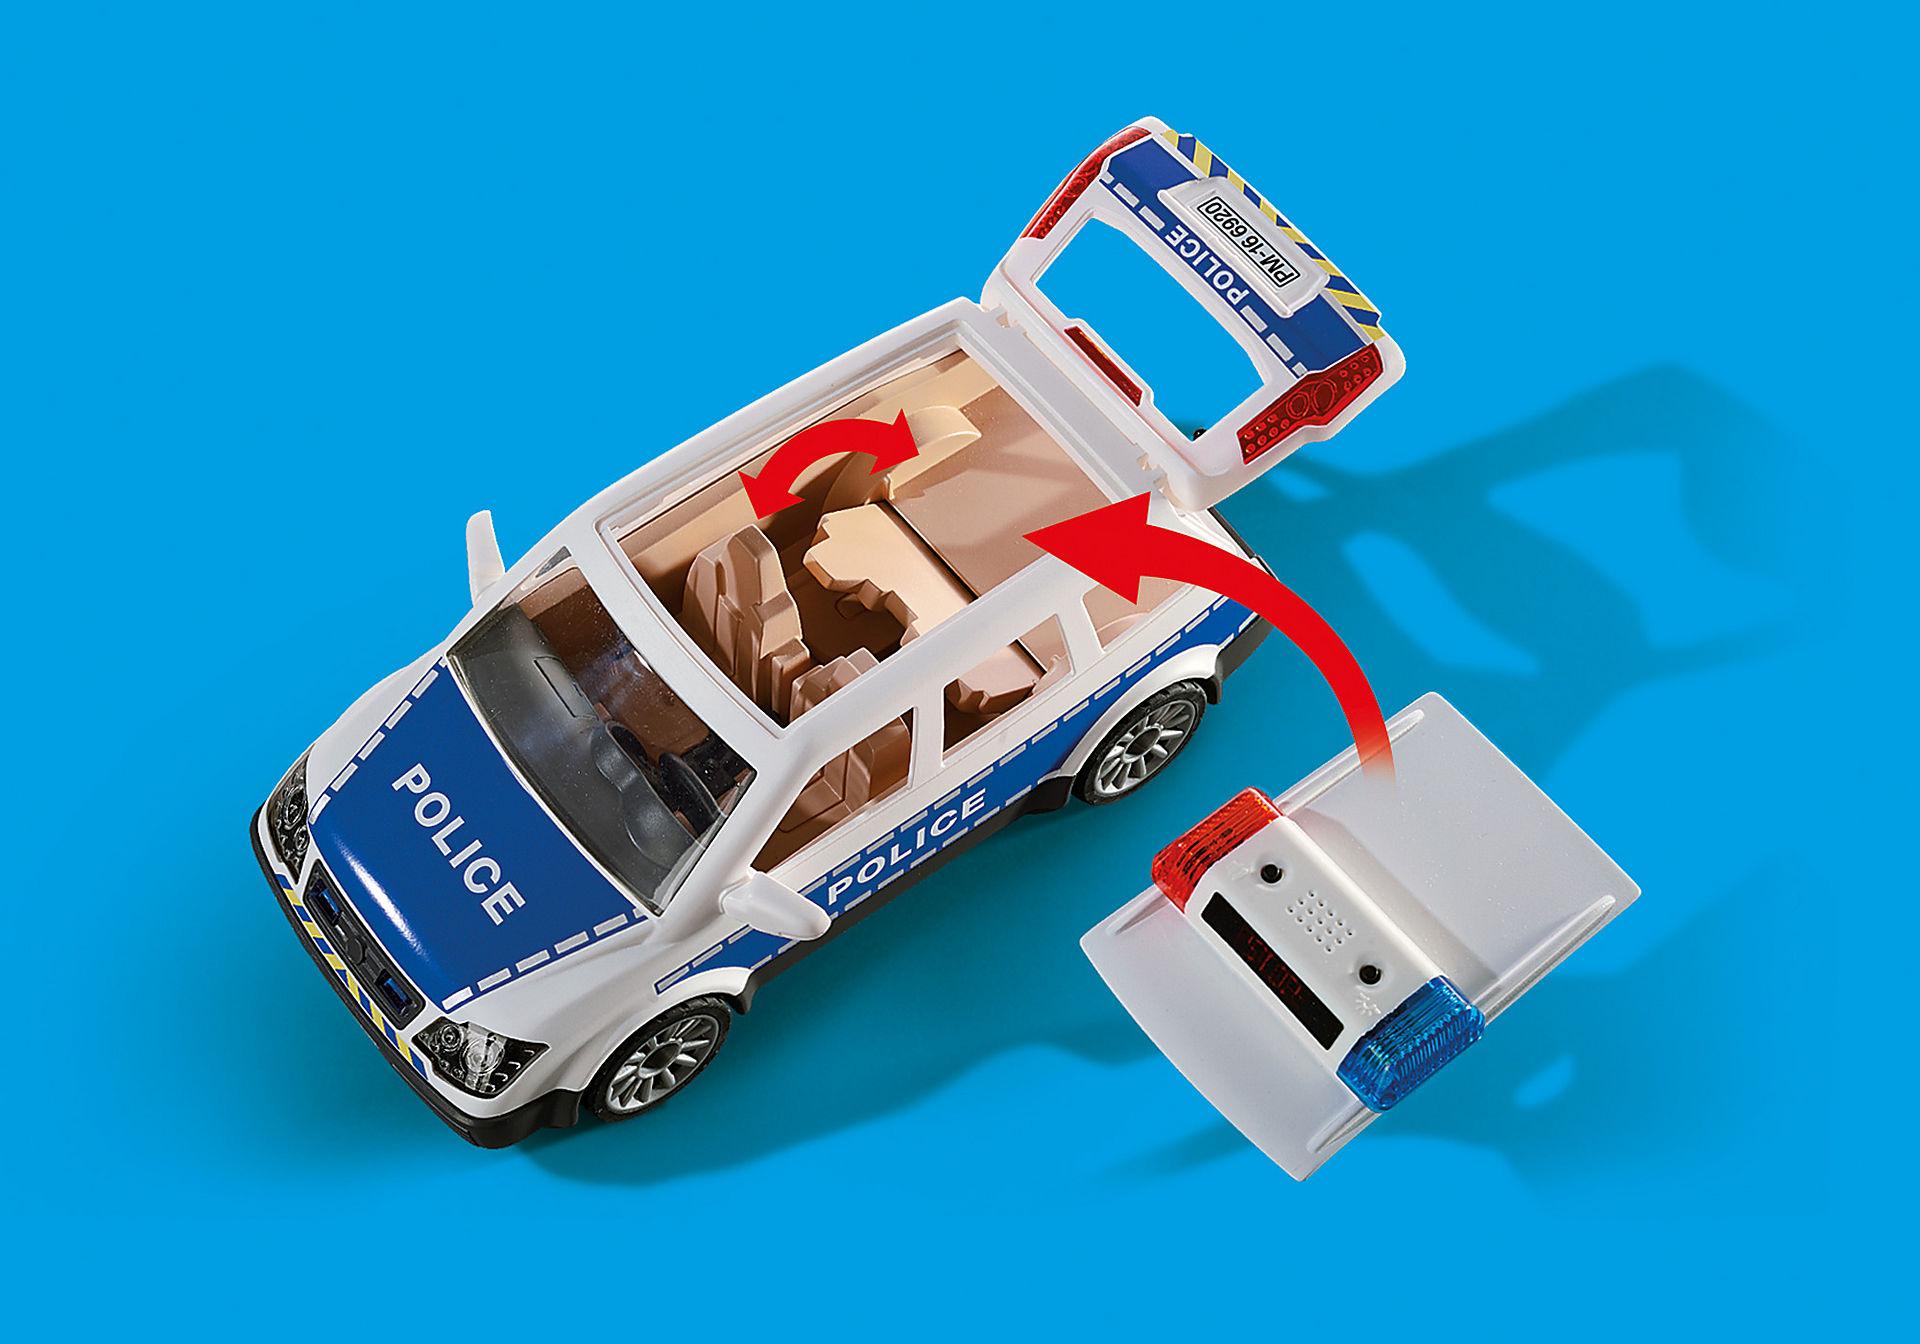 http://media.playmobil.com/i/playmobil/6920_product_extra1/Carro da Polícia com luzes e som